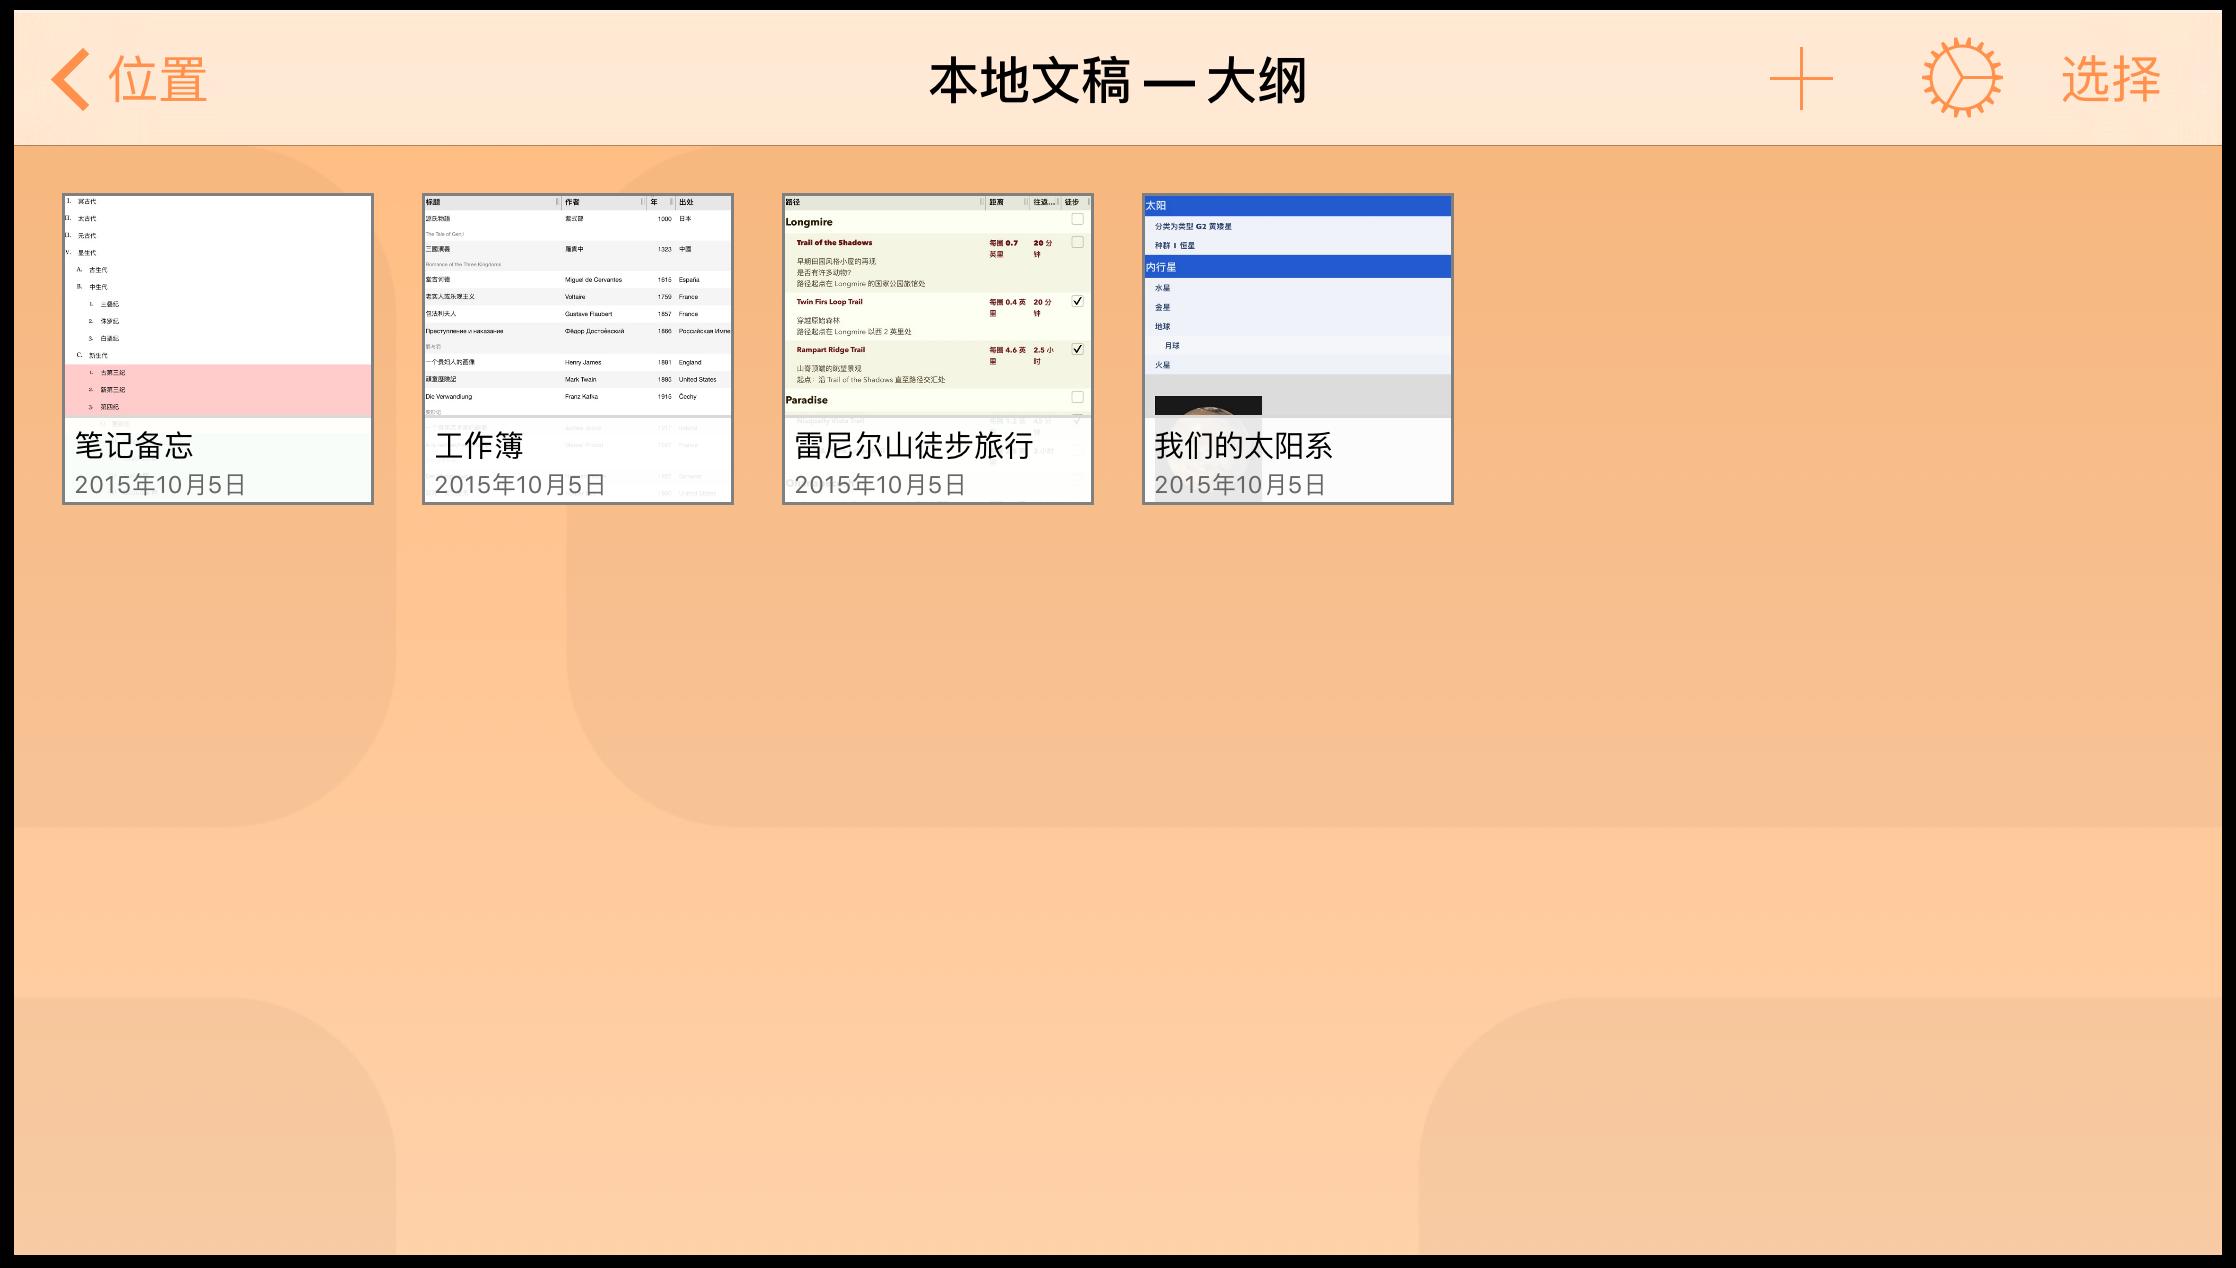 本地文稿文件夹内的文件